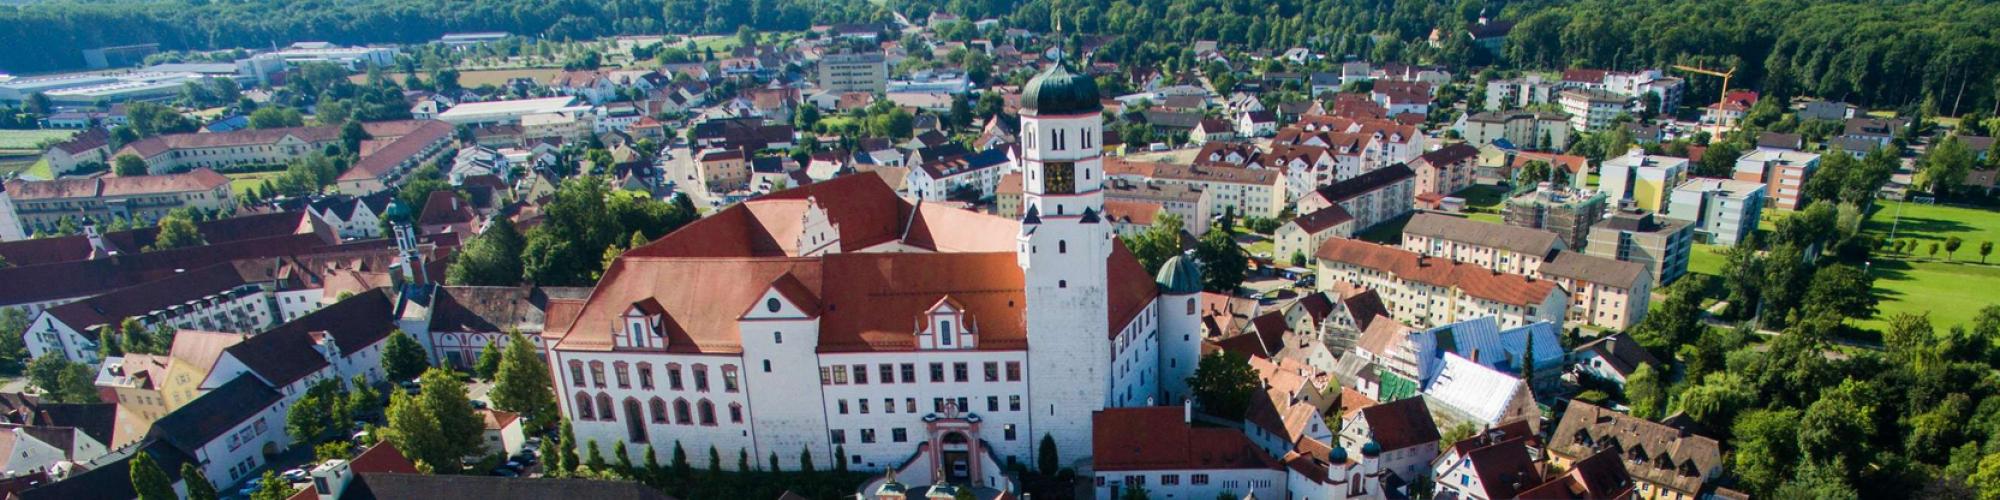 Stadtverwaltung Dillingen